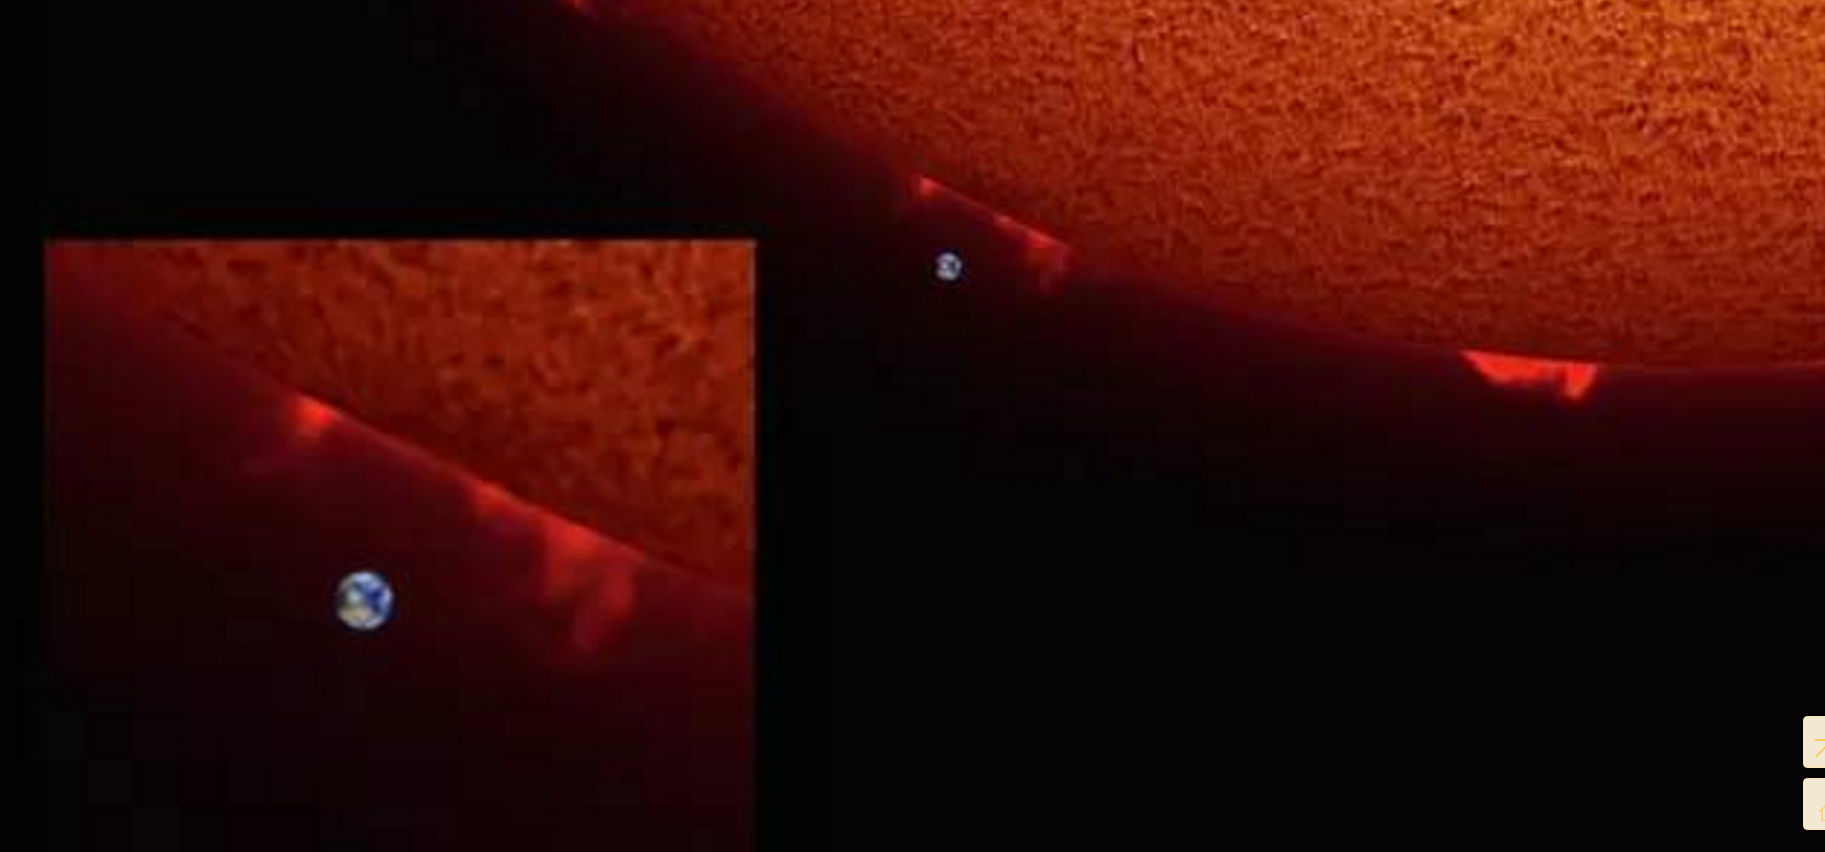 既然地球与太阳之间的宇宙空间很冷,为什么处在其间的物体很热?